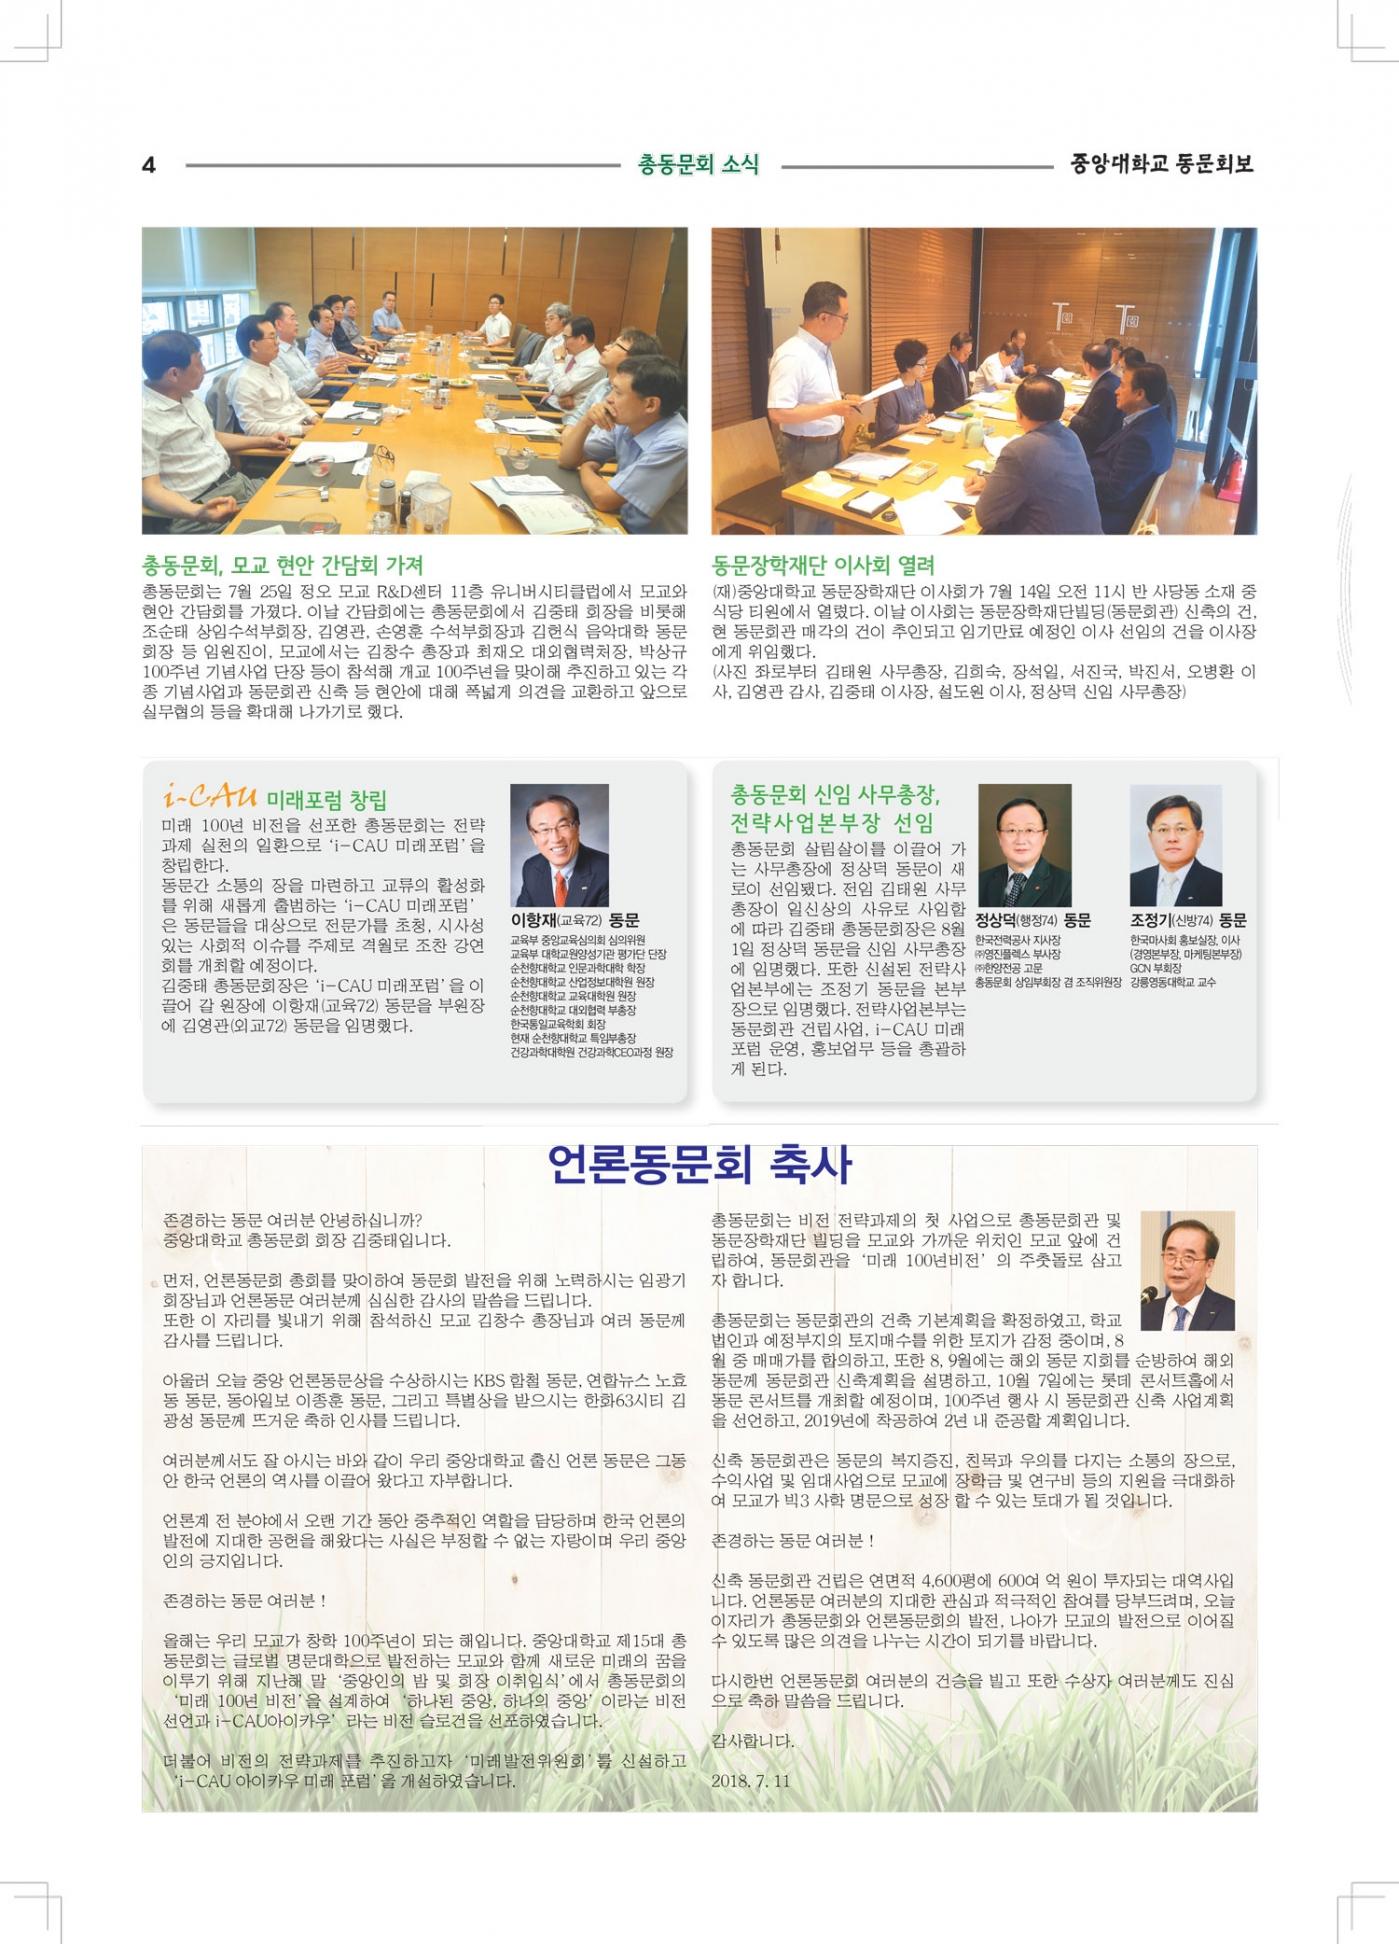 중앙대학교동문317호회보-(6)-4.jpg